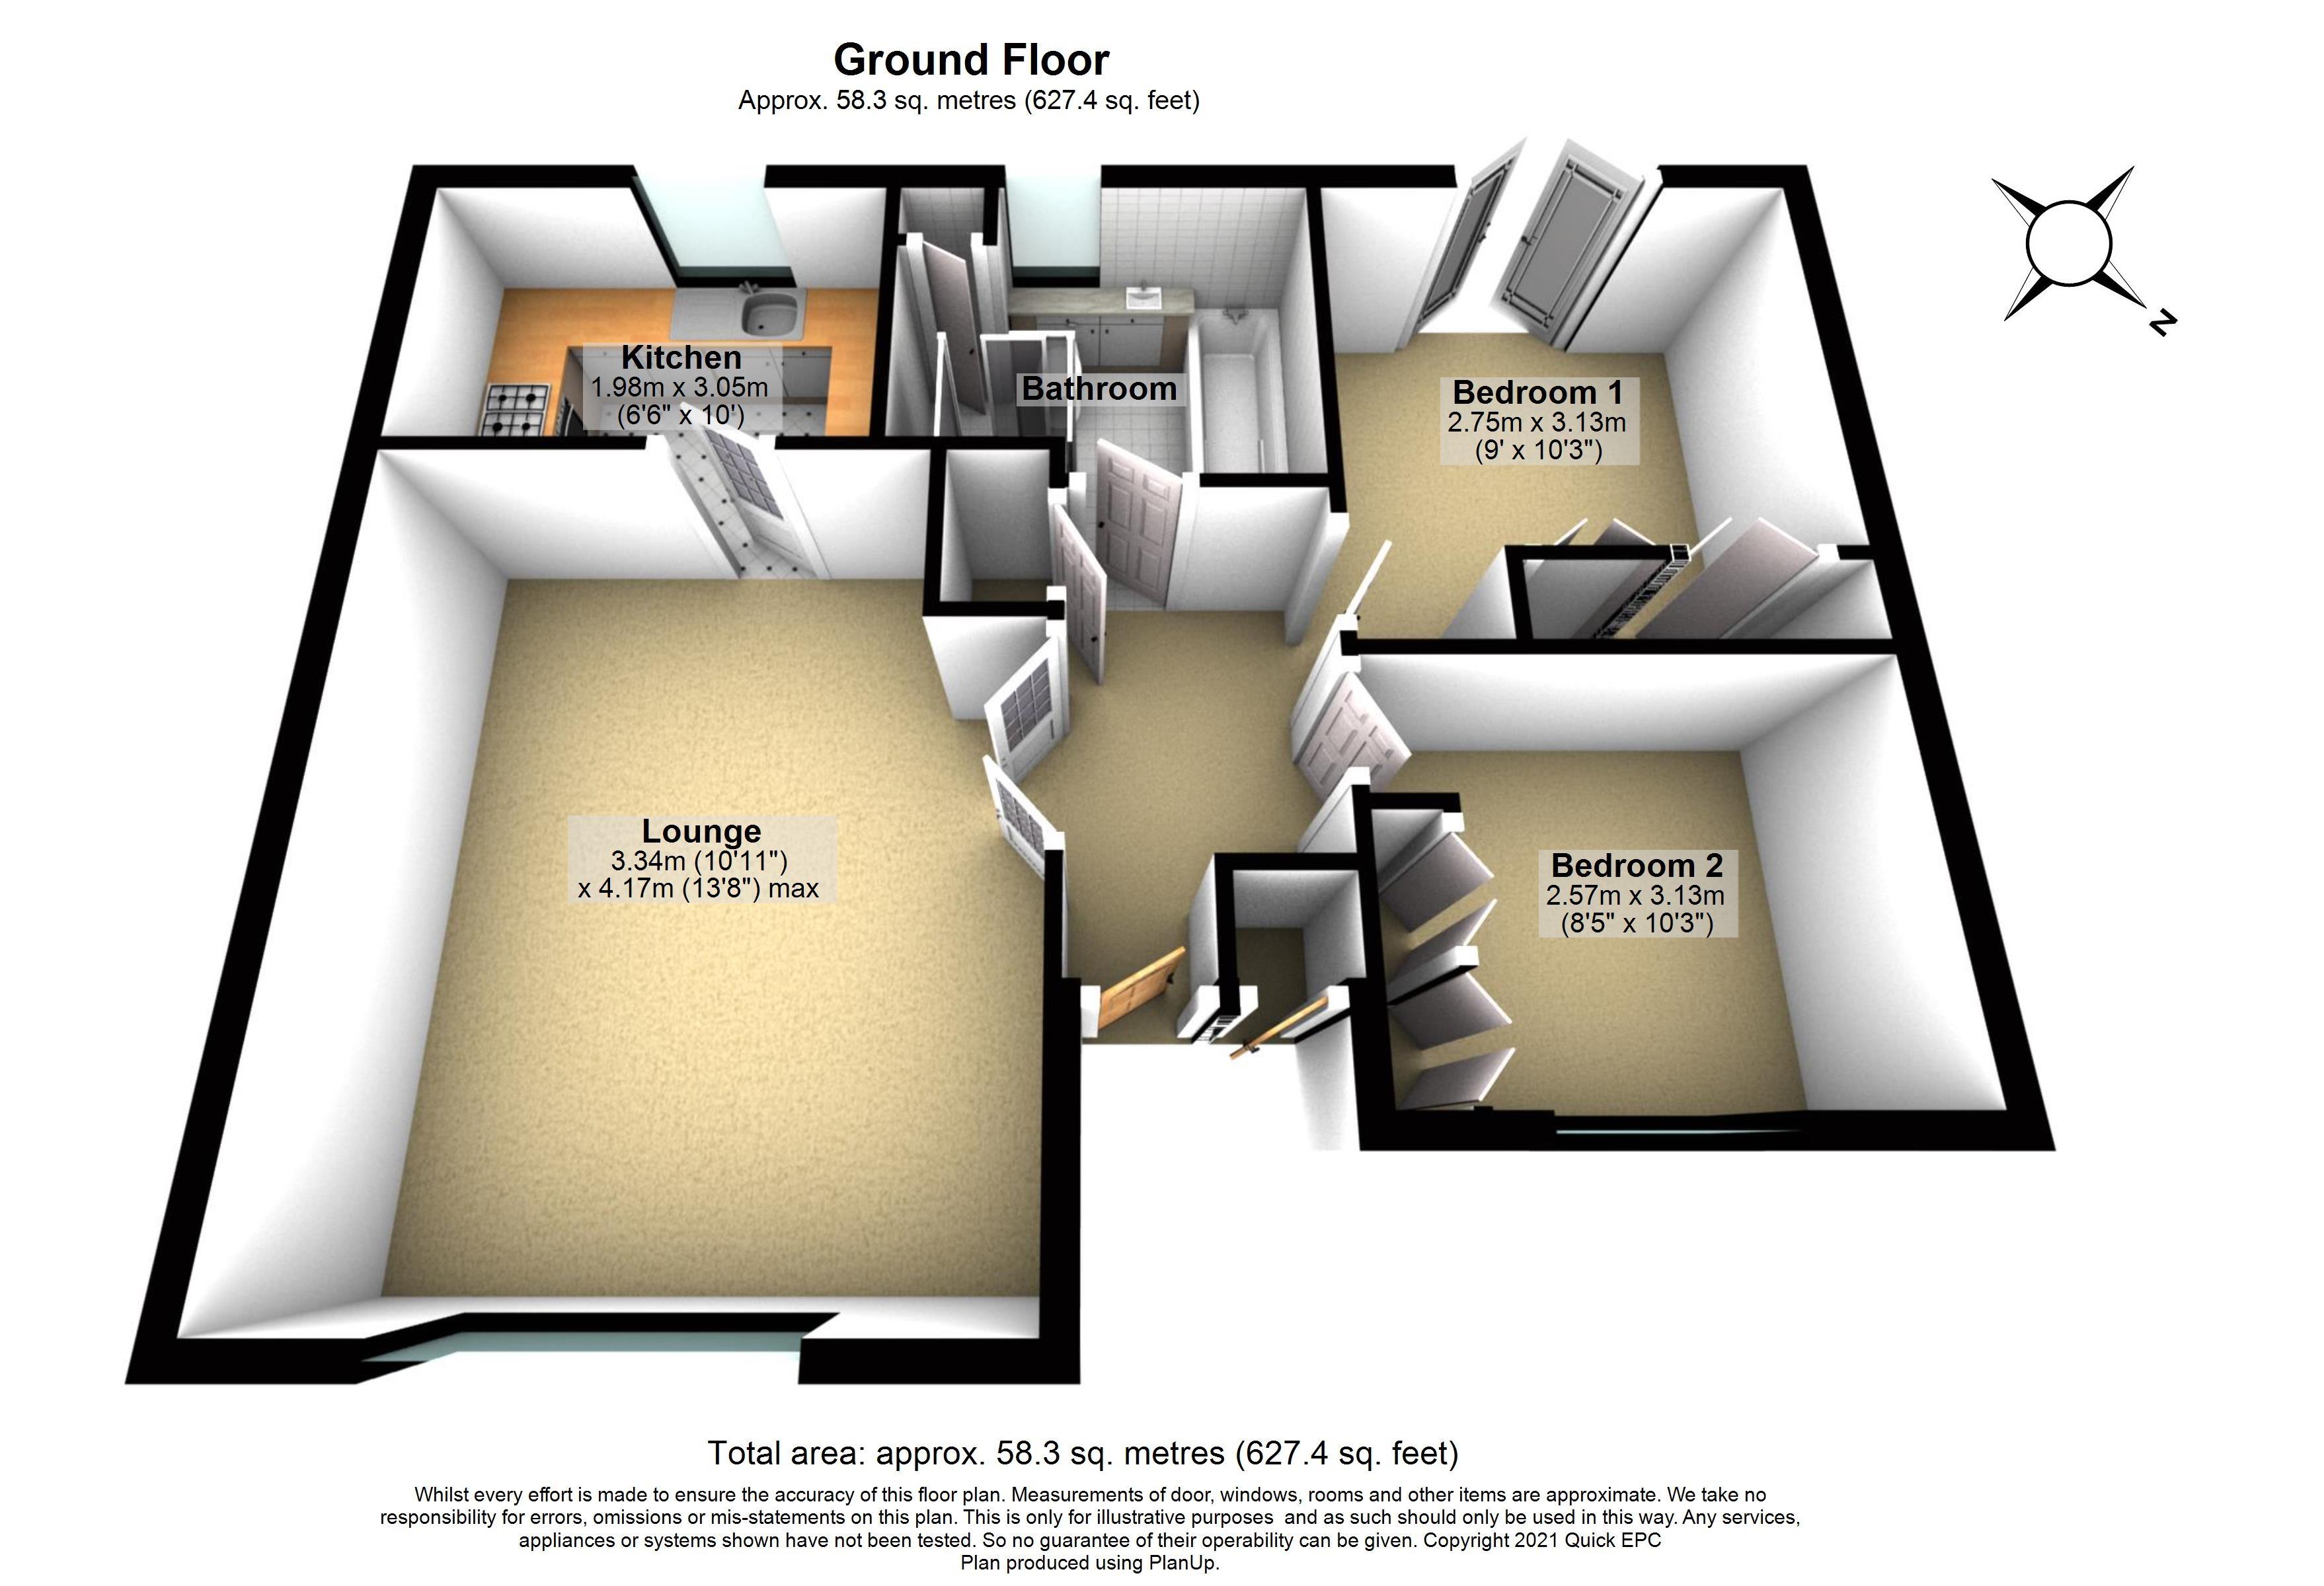 21 Loxford Court Floorplan